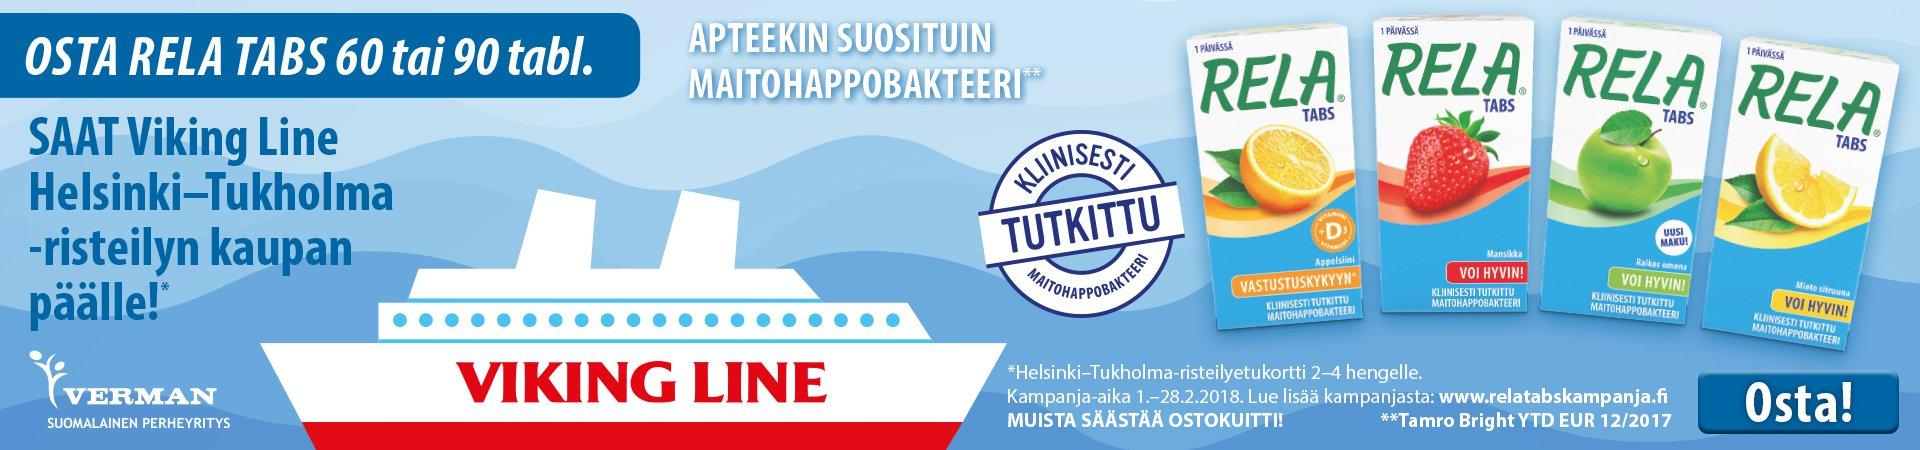 rela risteily kaupan päälle kampanja tukholma viking  line